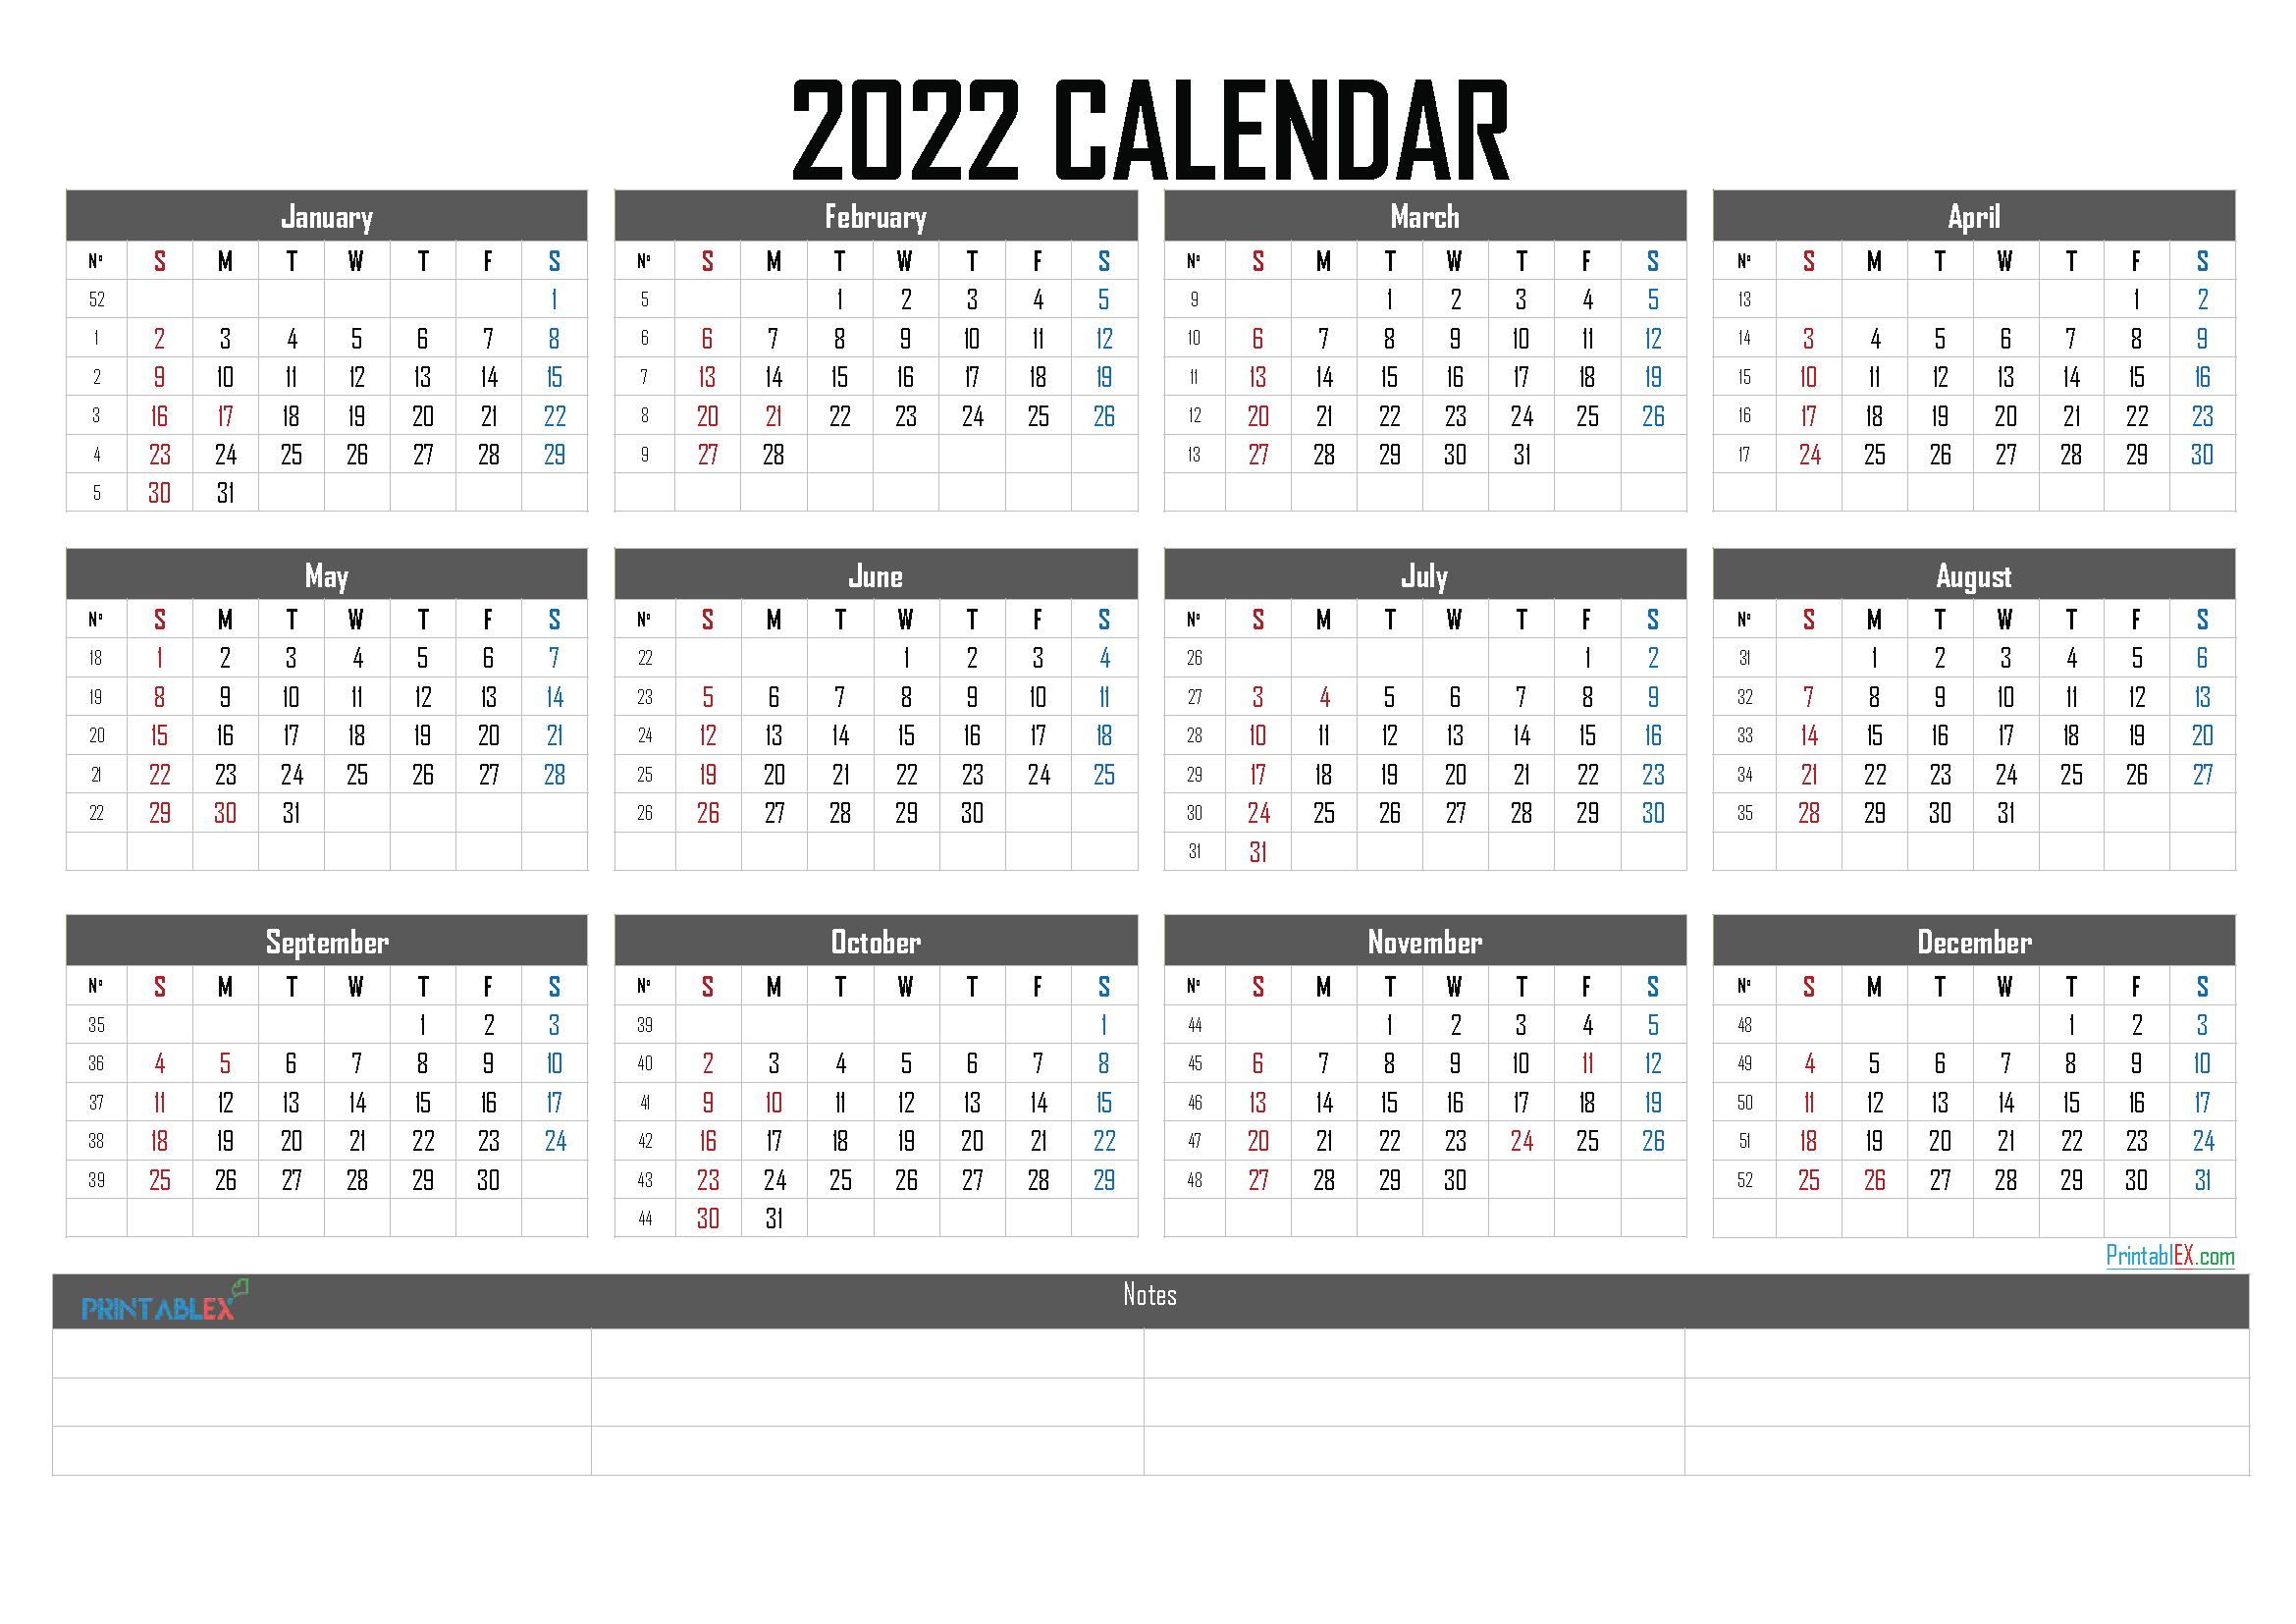 2022 Calendar with Week Numbers Printable (Font: bevan)